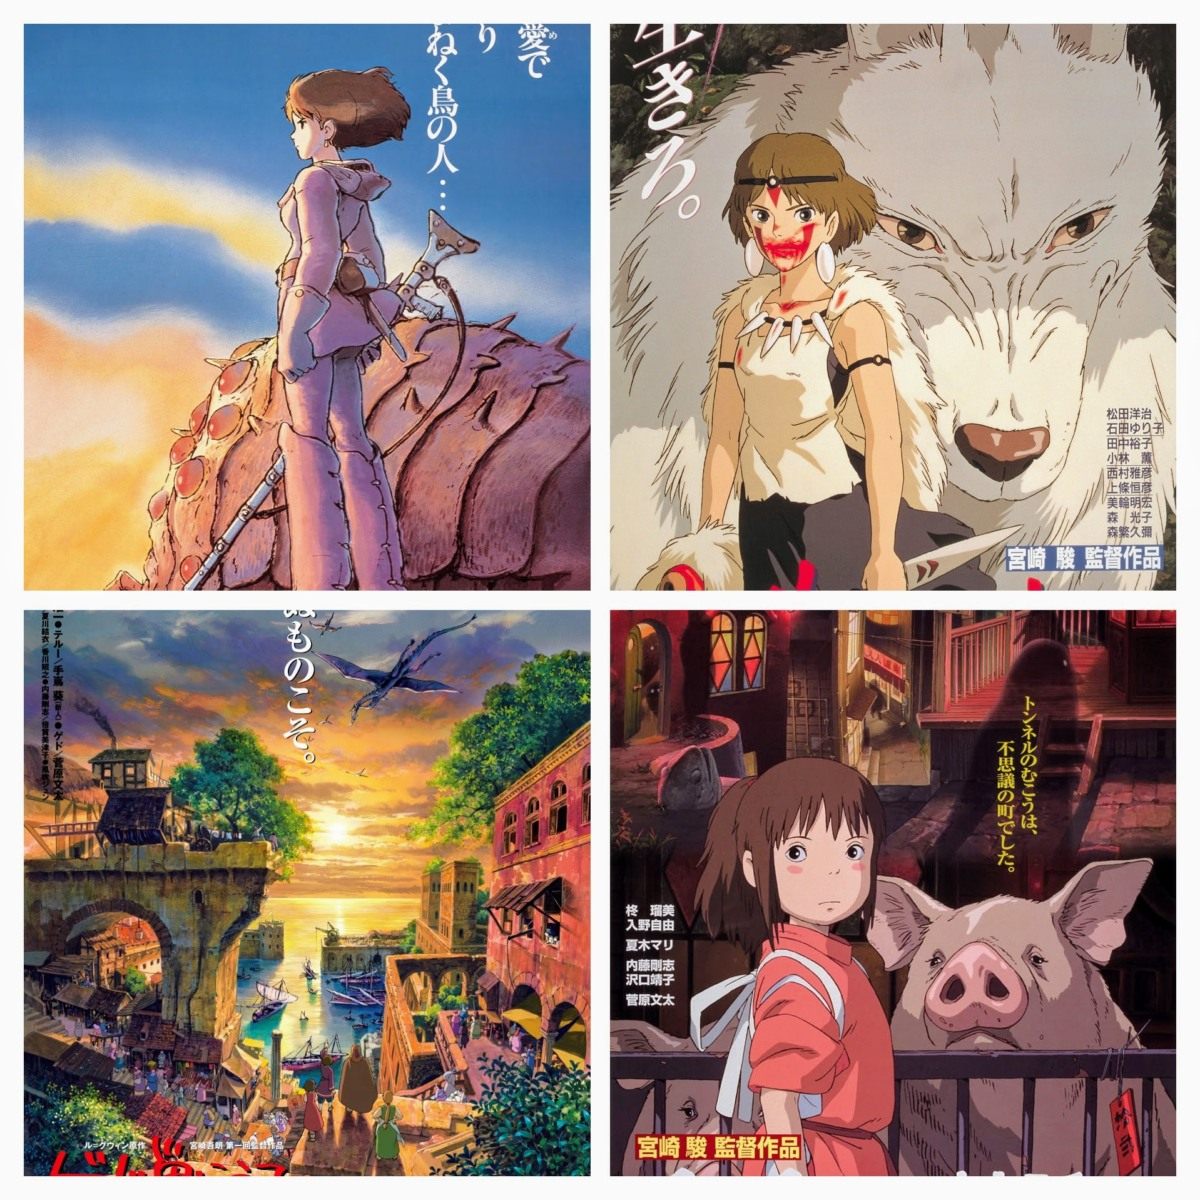 ジブリの超名作!風の谷のナウシカ、もののけ姫、千と千尋の神隠し、ゲド戦記が映画館で上映決定!